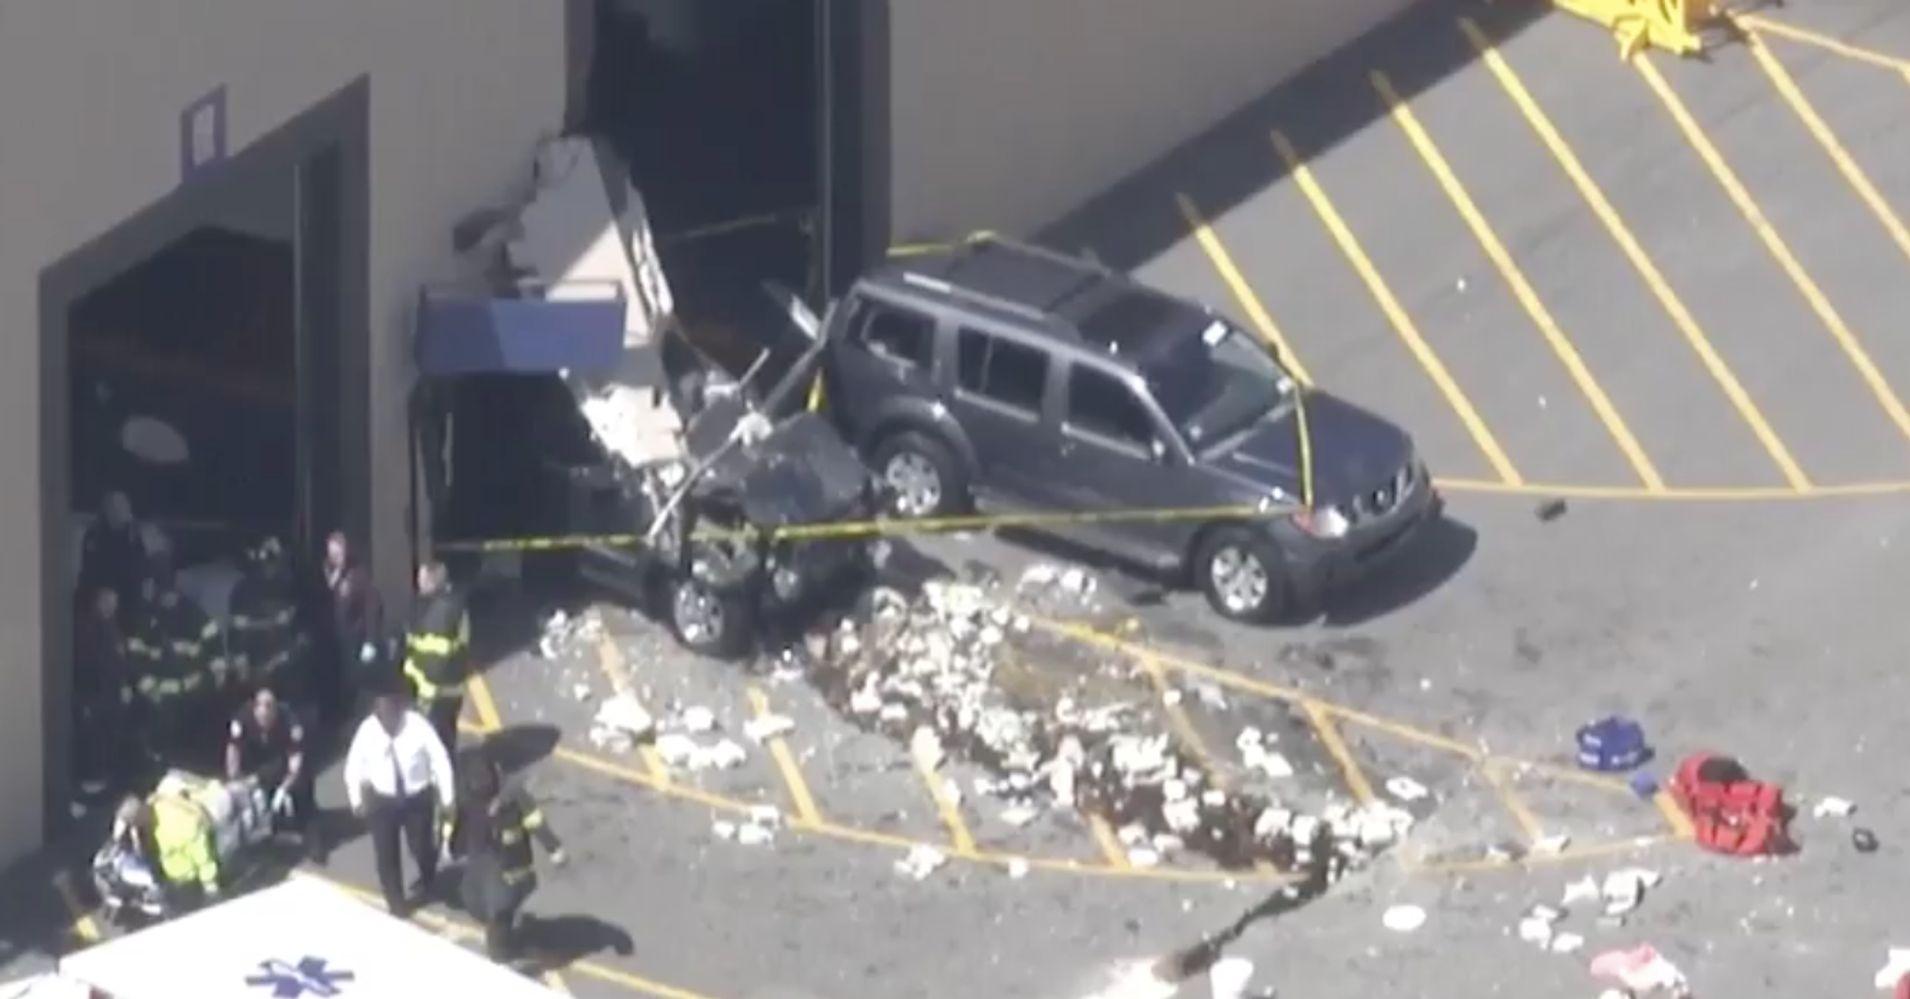 3 Dead More Than A Dozen Injured After Car Speeds Through